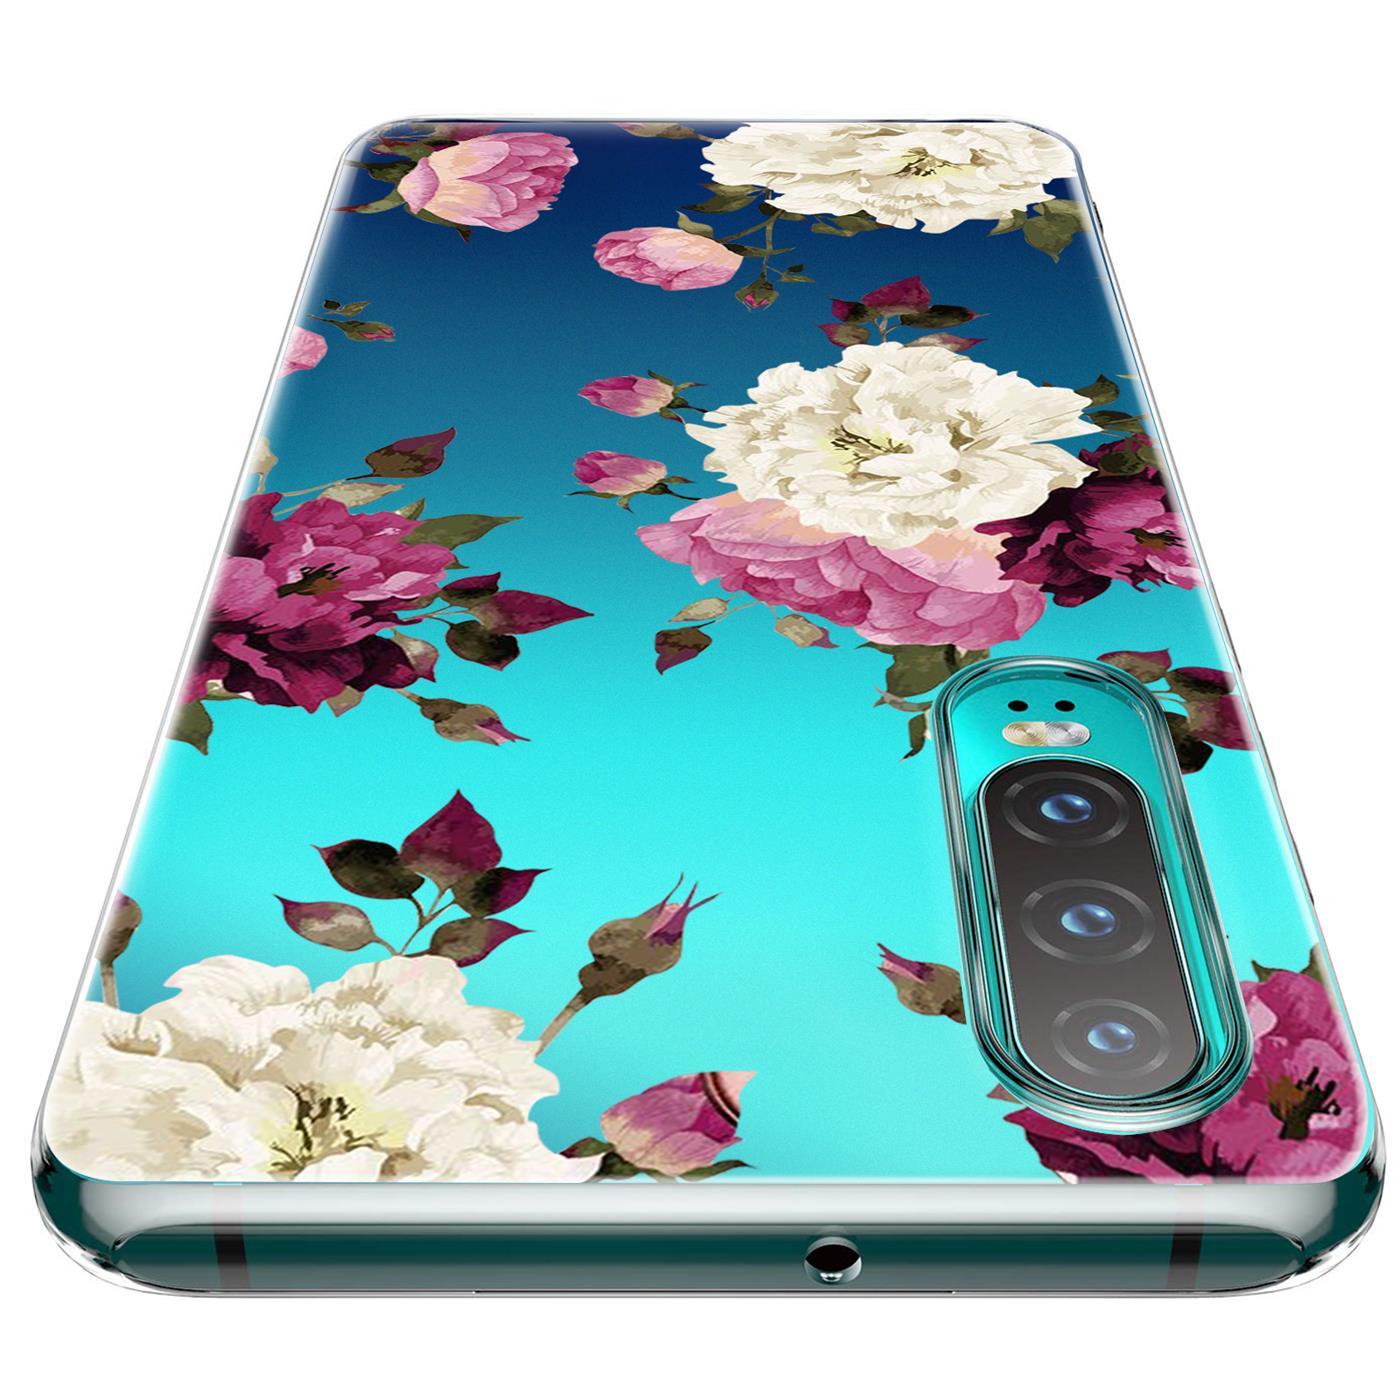 Huawei-P30-Lite-Motiv-Handy-Huelle-Silikon-Tasche-Schutzhuelle-Cover-Slim-TPU-Case Indexbild 32